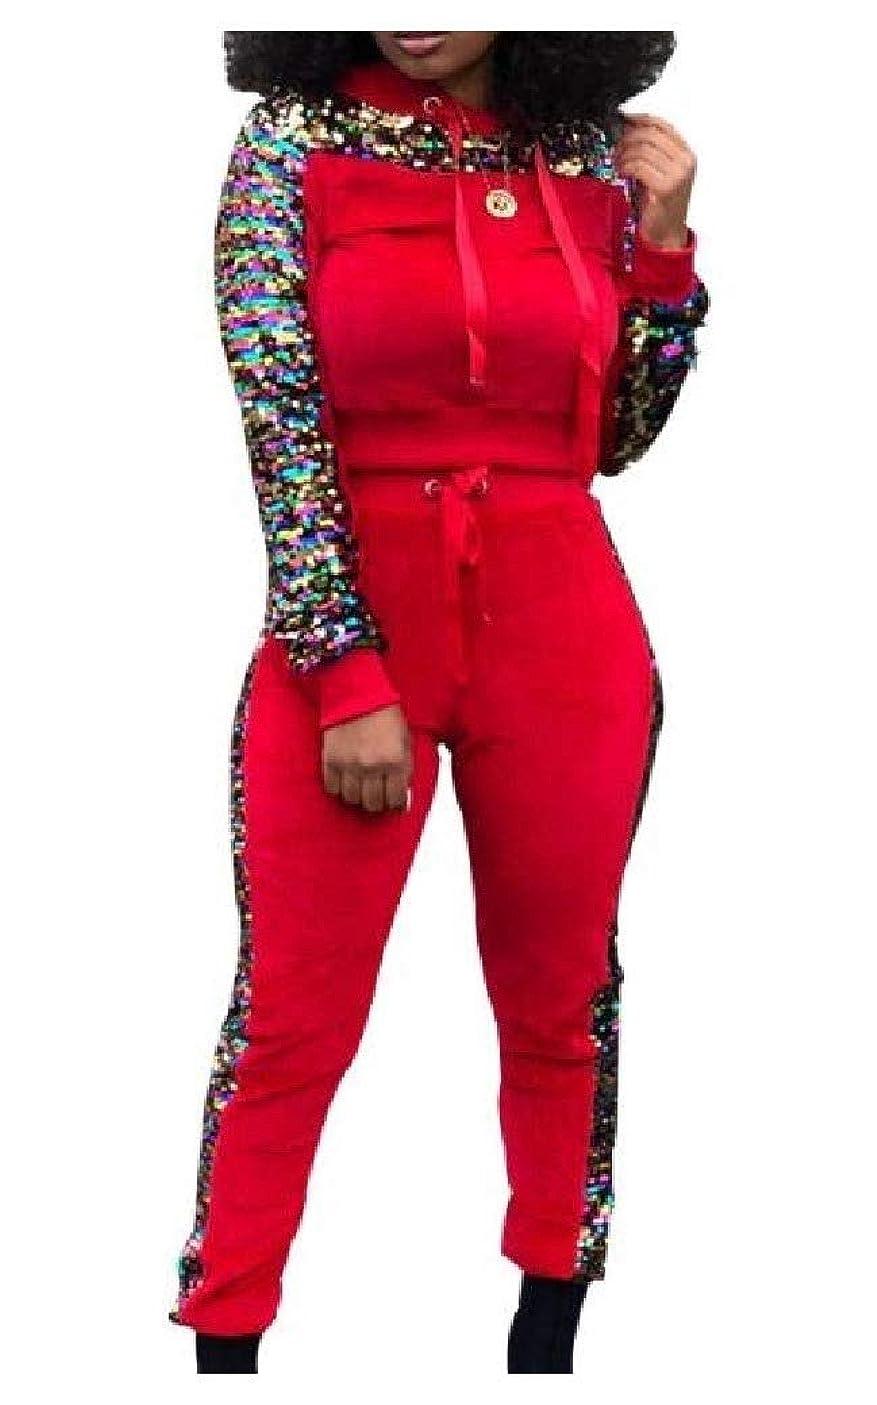 貪欲気質迷信Candiyer 女性ファッショントラックスーツのスパンコール冬はロングスリーブ2ピーストラックスーツを設定する